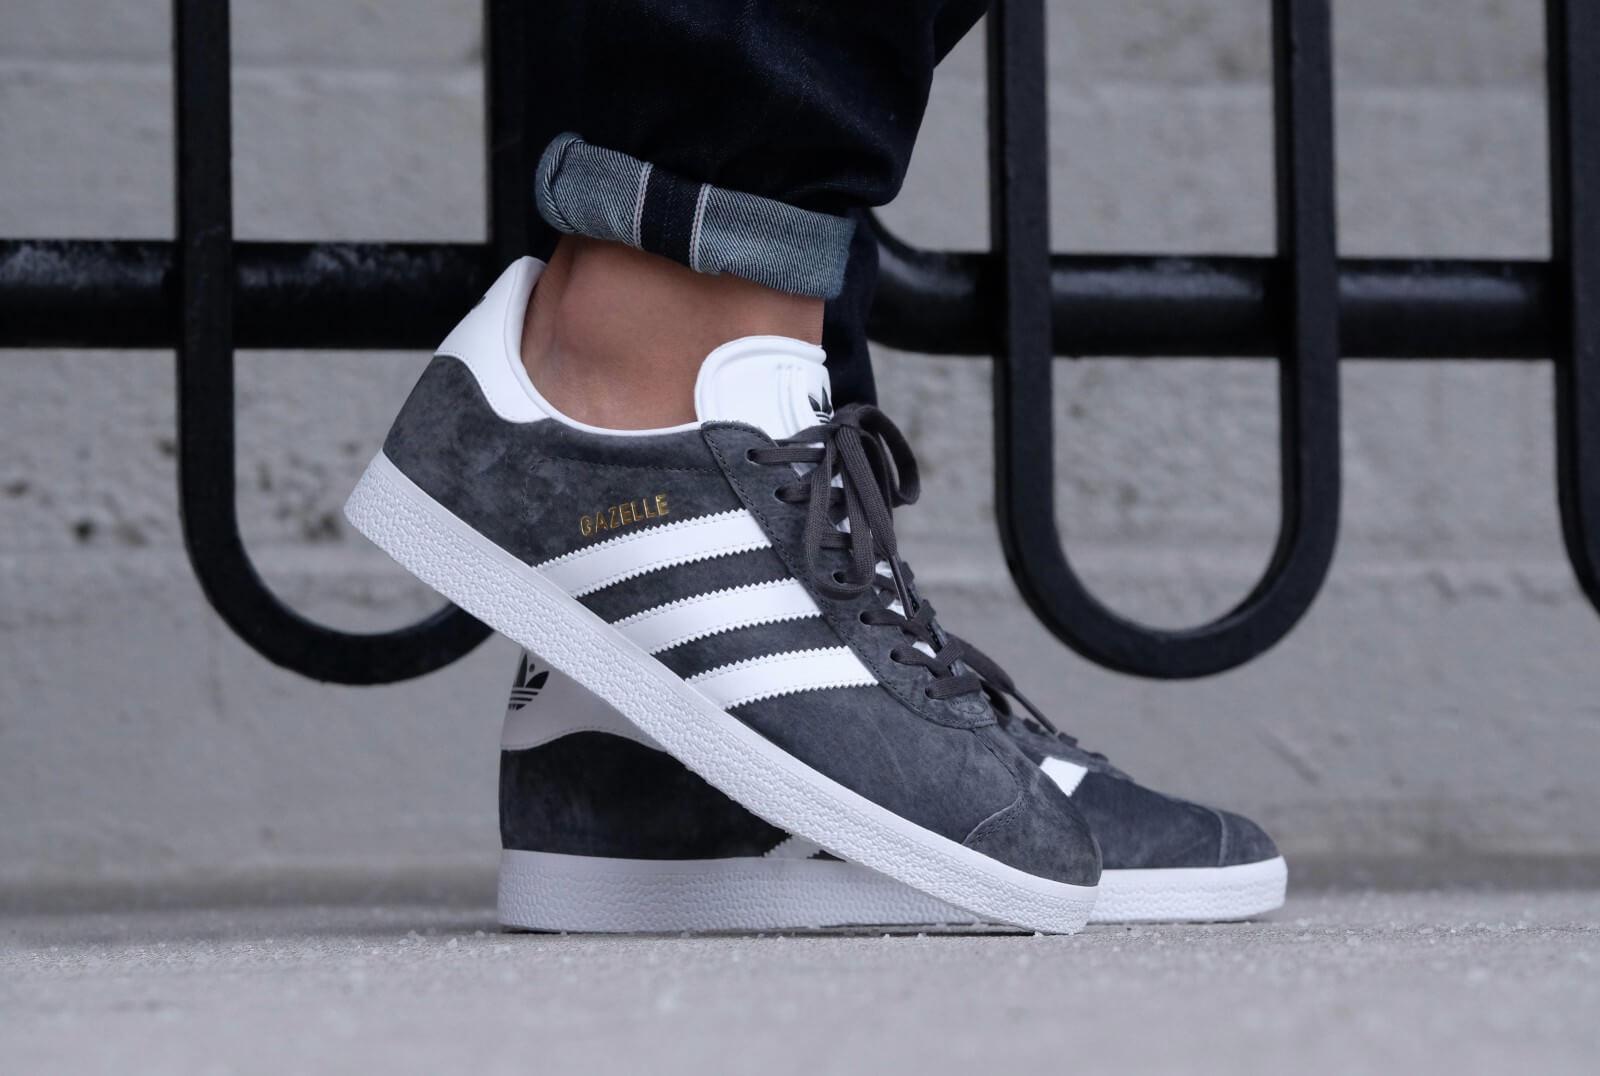 Adidas Gazelle Solid Grey/White/Gold Metallic